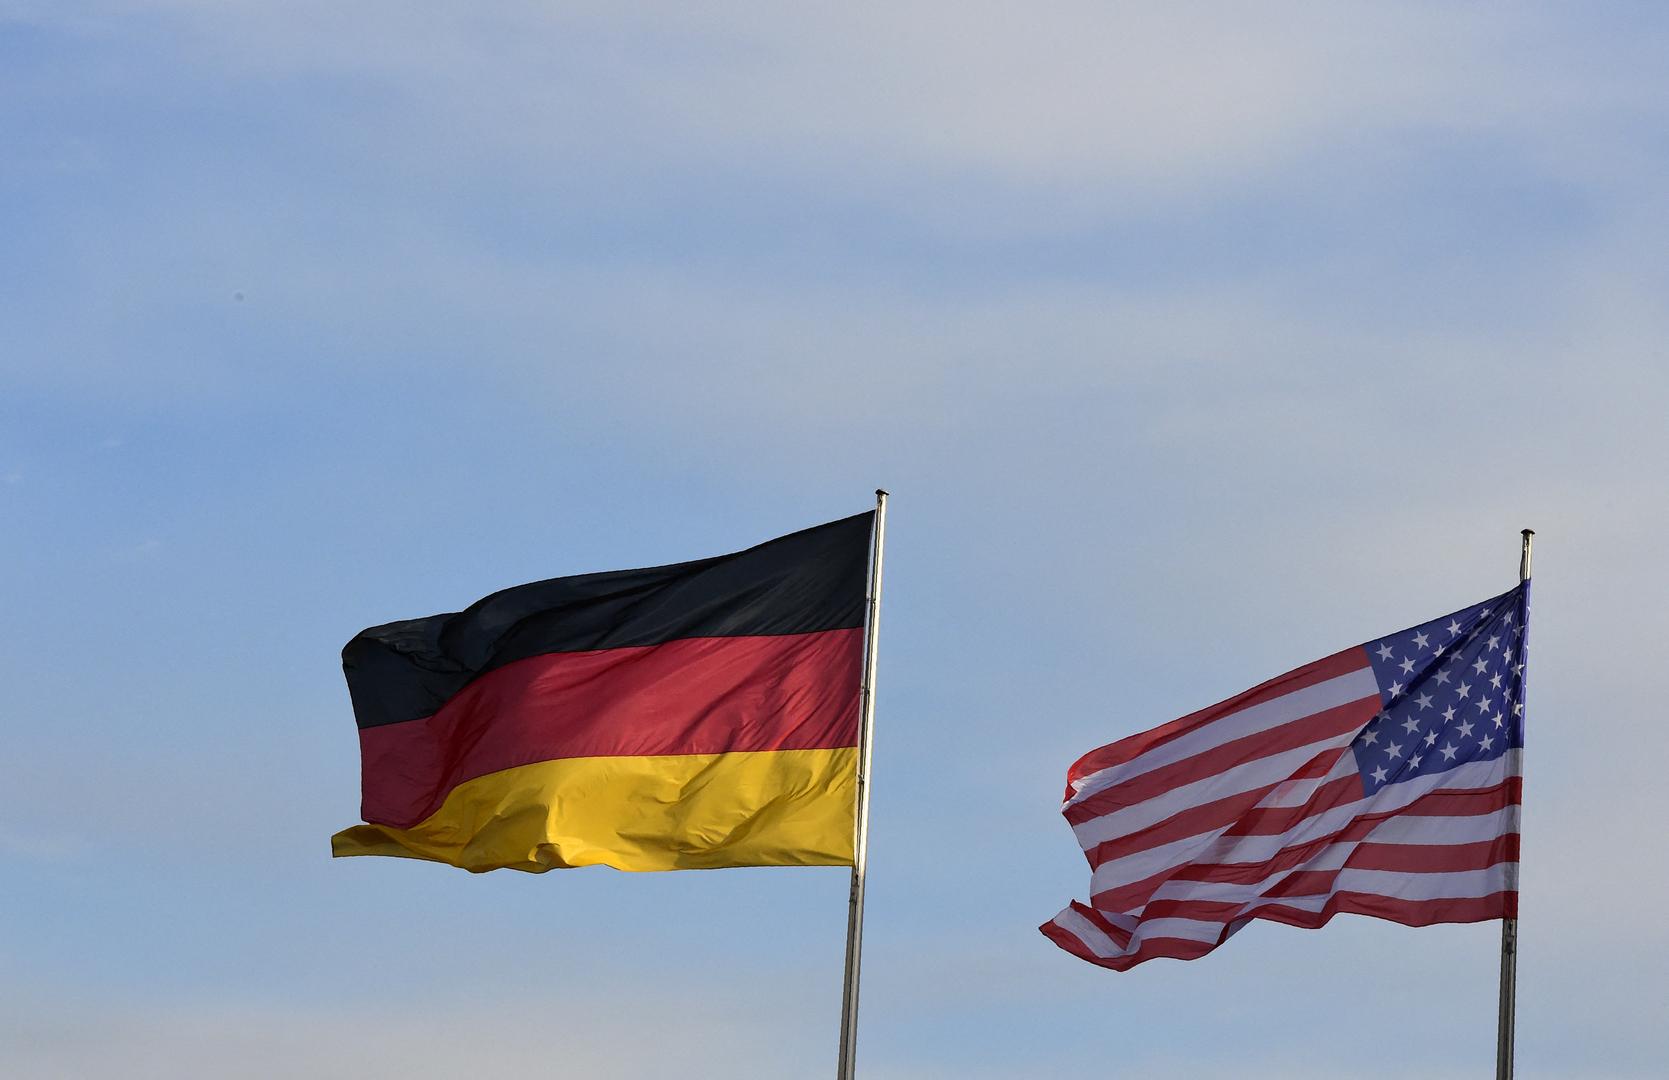 واشنطن: تسنى لنا تفادي تضرر العلاقات مع ألمانيا بسبب